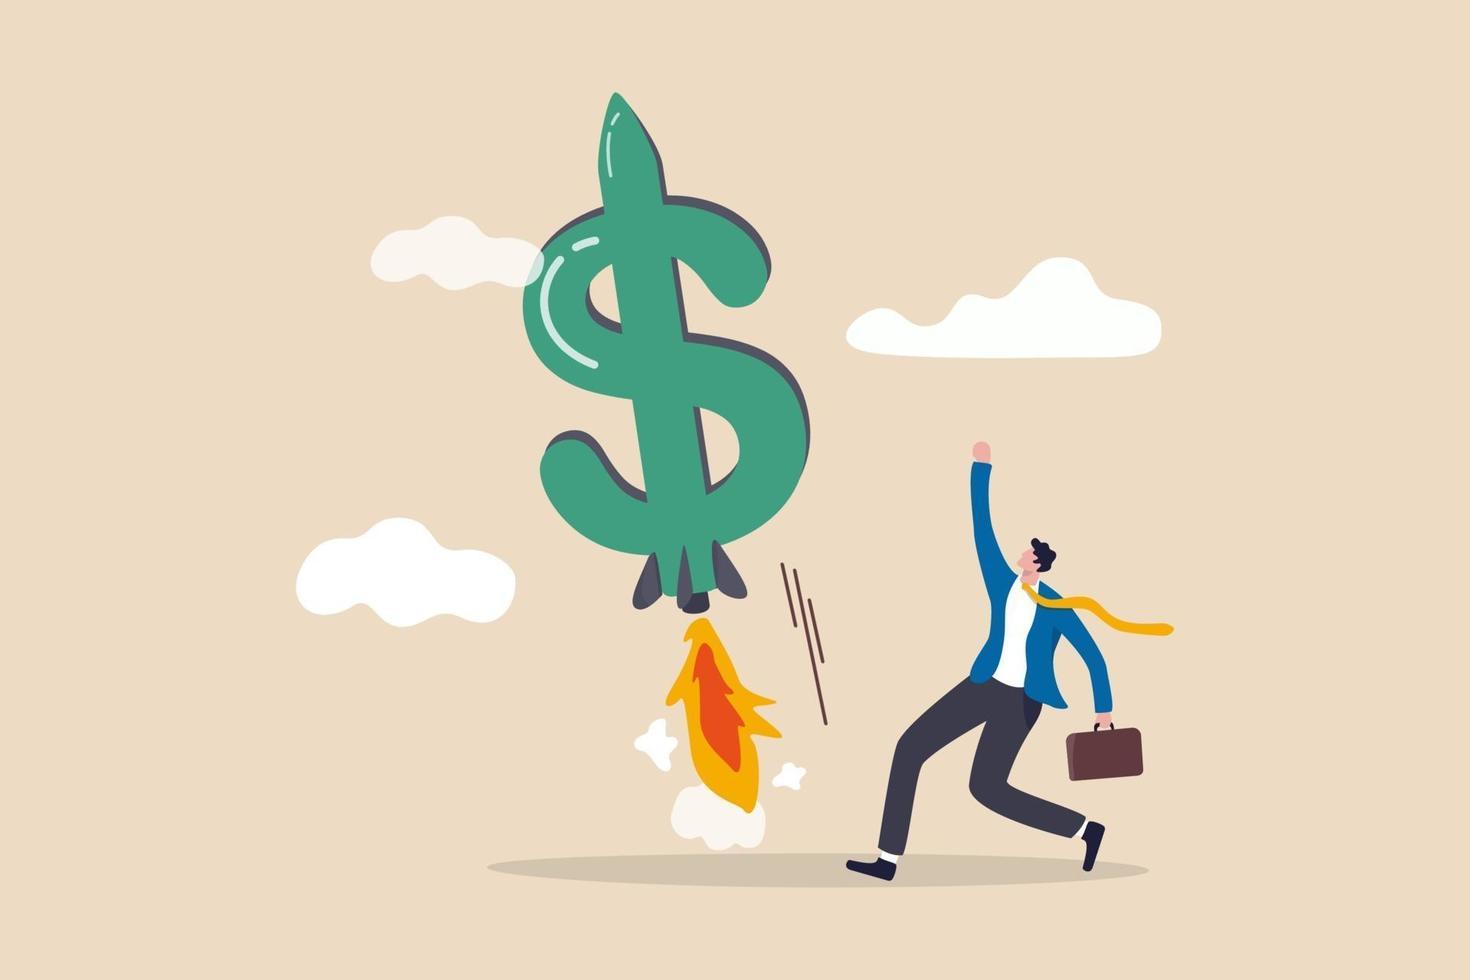 aumentare il reddito, la crescita aumentando le entrate o i profitti aziendali, aumentando il concetto di guadagno degli investimenti vettore